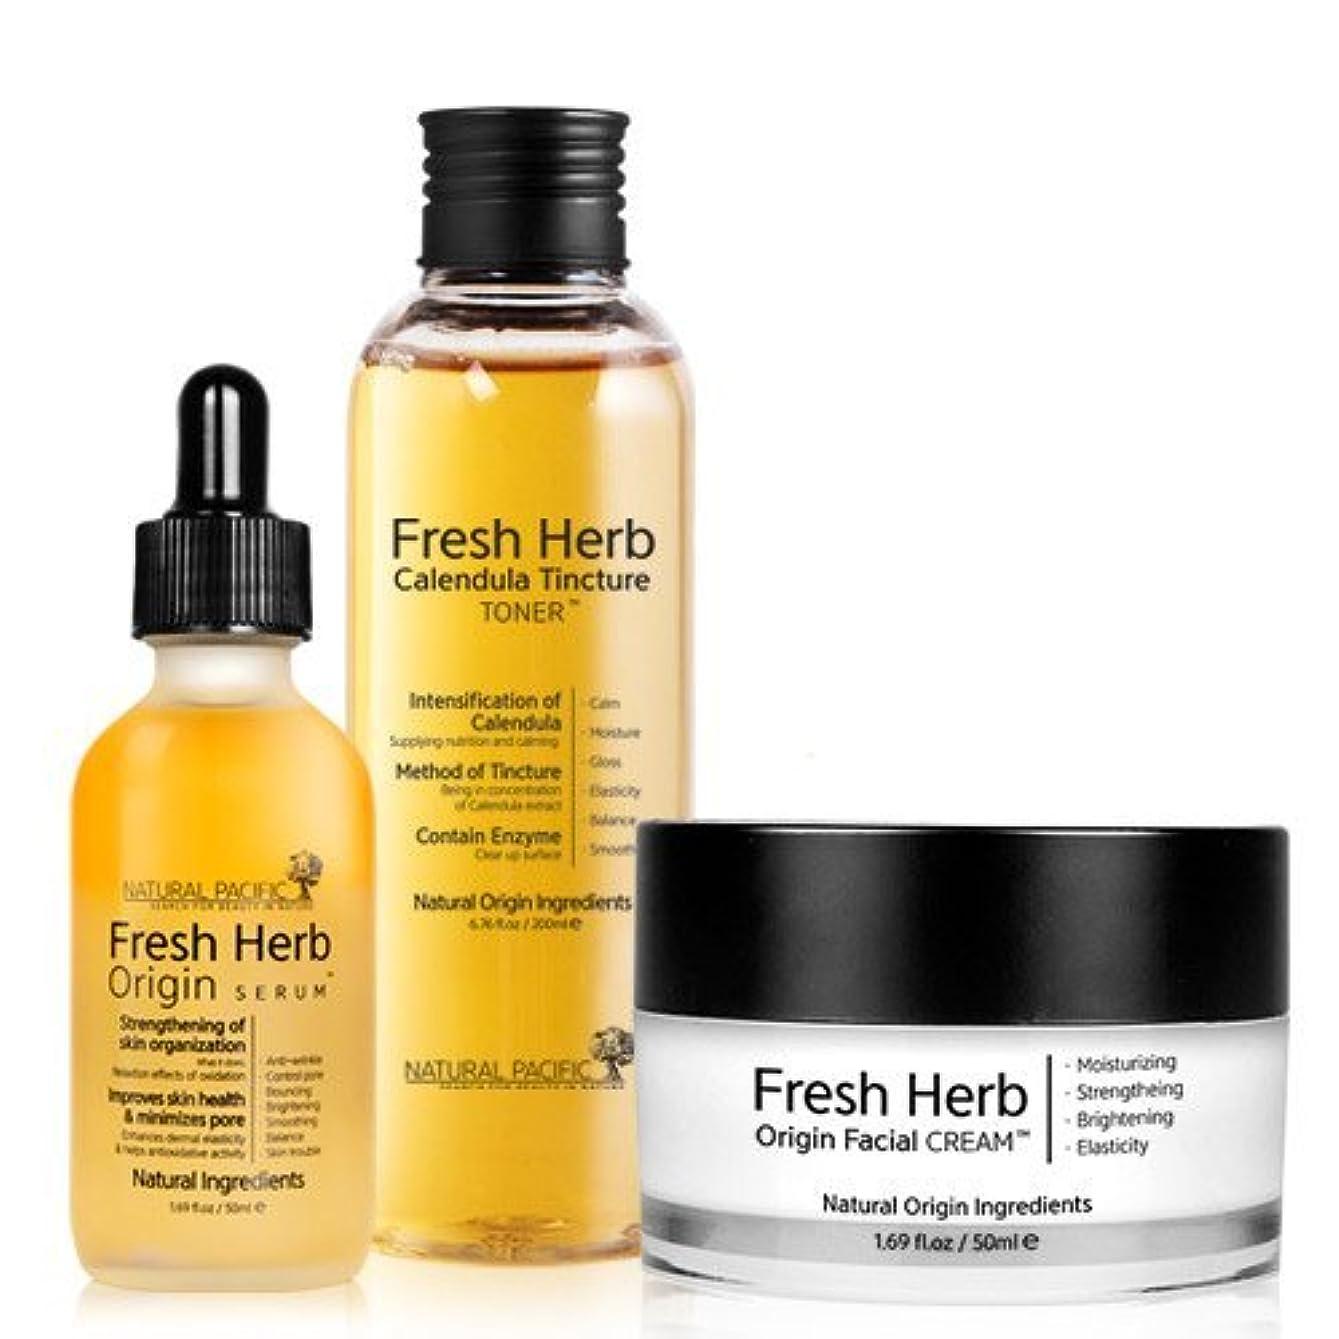 誓約生き返らせる温室[NACIFIC] ?Renewal Fresh Herb Origin SET/[ナシフィック] フレッシュ ハーブ オリジン 3種 セット (トナー+セラム+クリーム)/旧 ナチュラルパシフィック [並行輸入品]